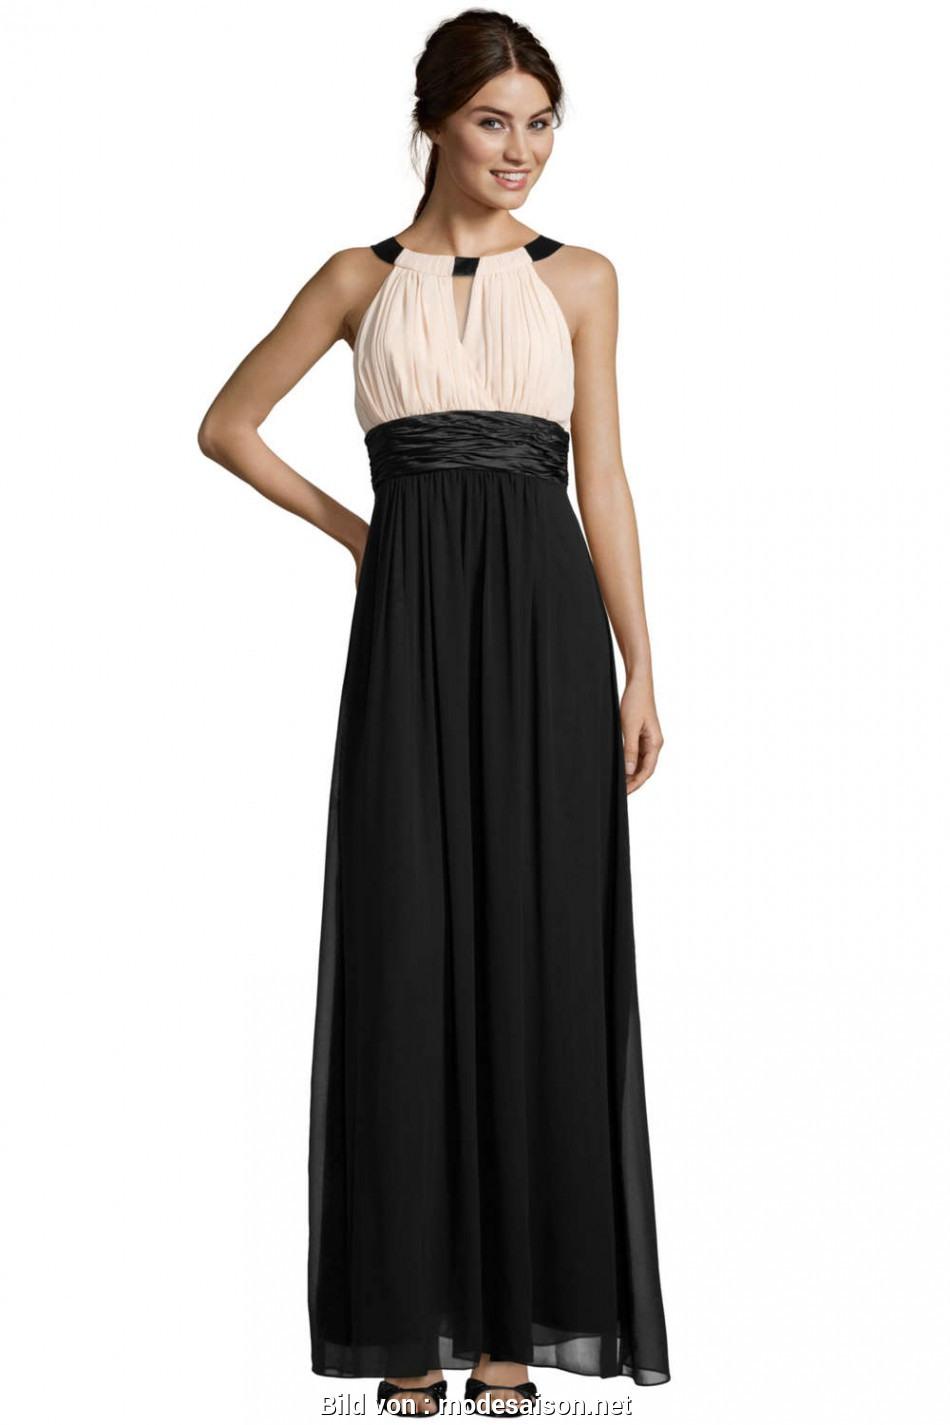 Designer Perfekt Abendkleider Bei Zara GalerieFormal Ausgezeichnet Abendkleider Bei Zara Spezialgebiet